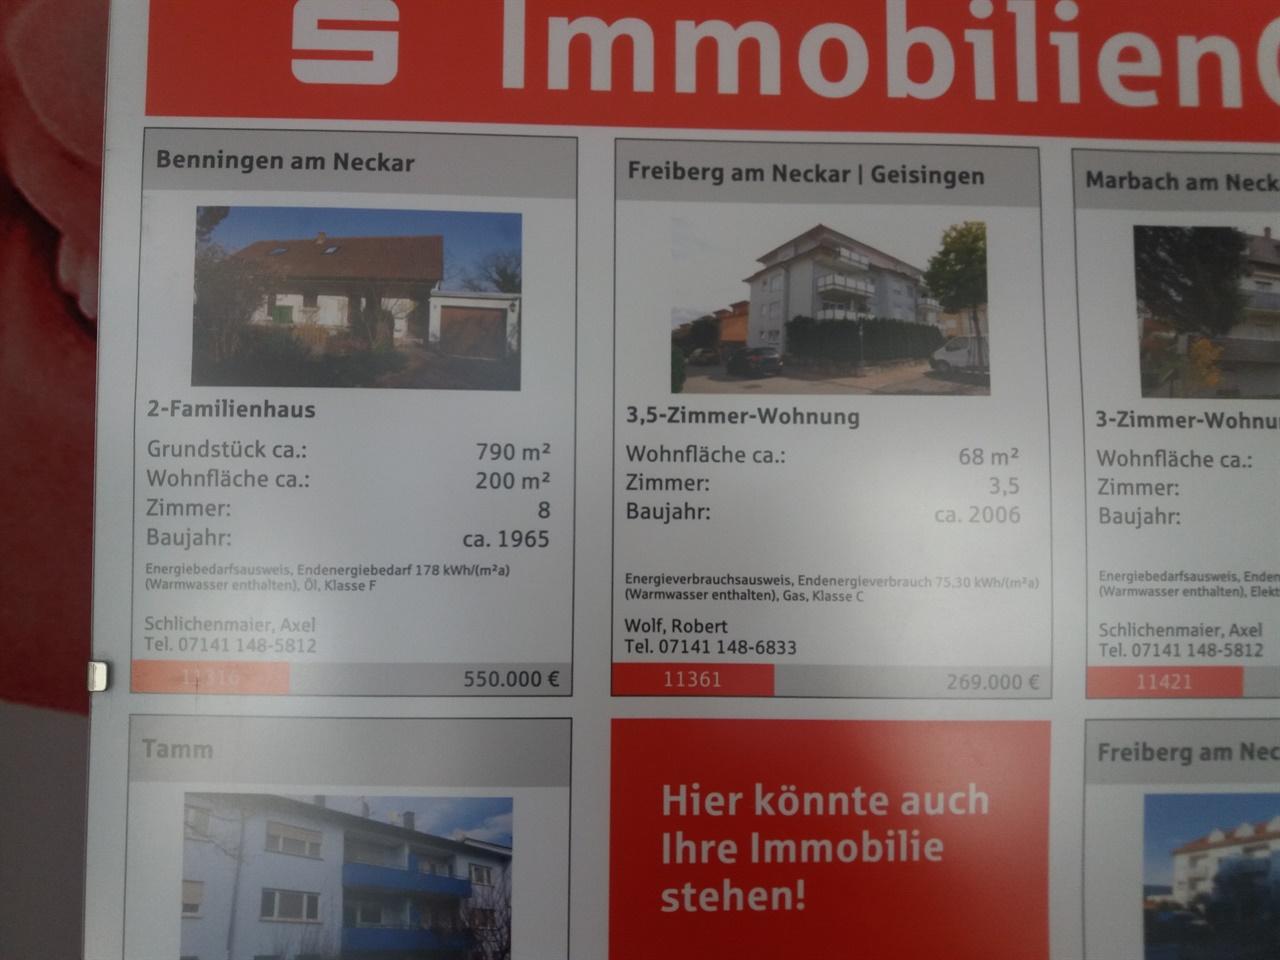 독일 부동산 매물 광고